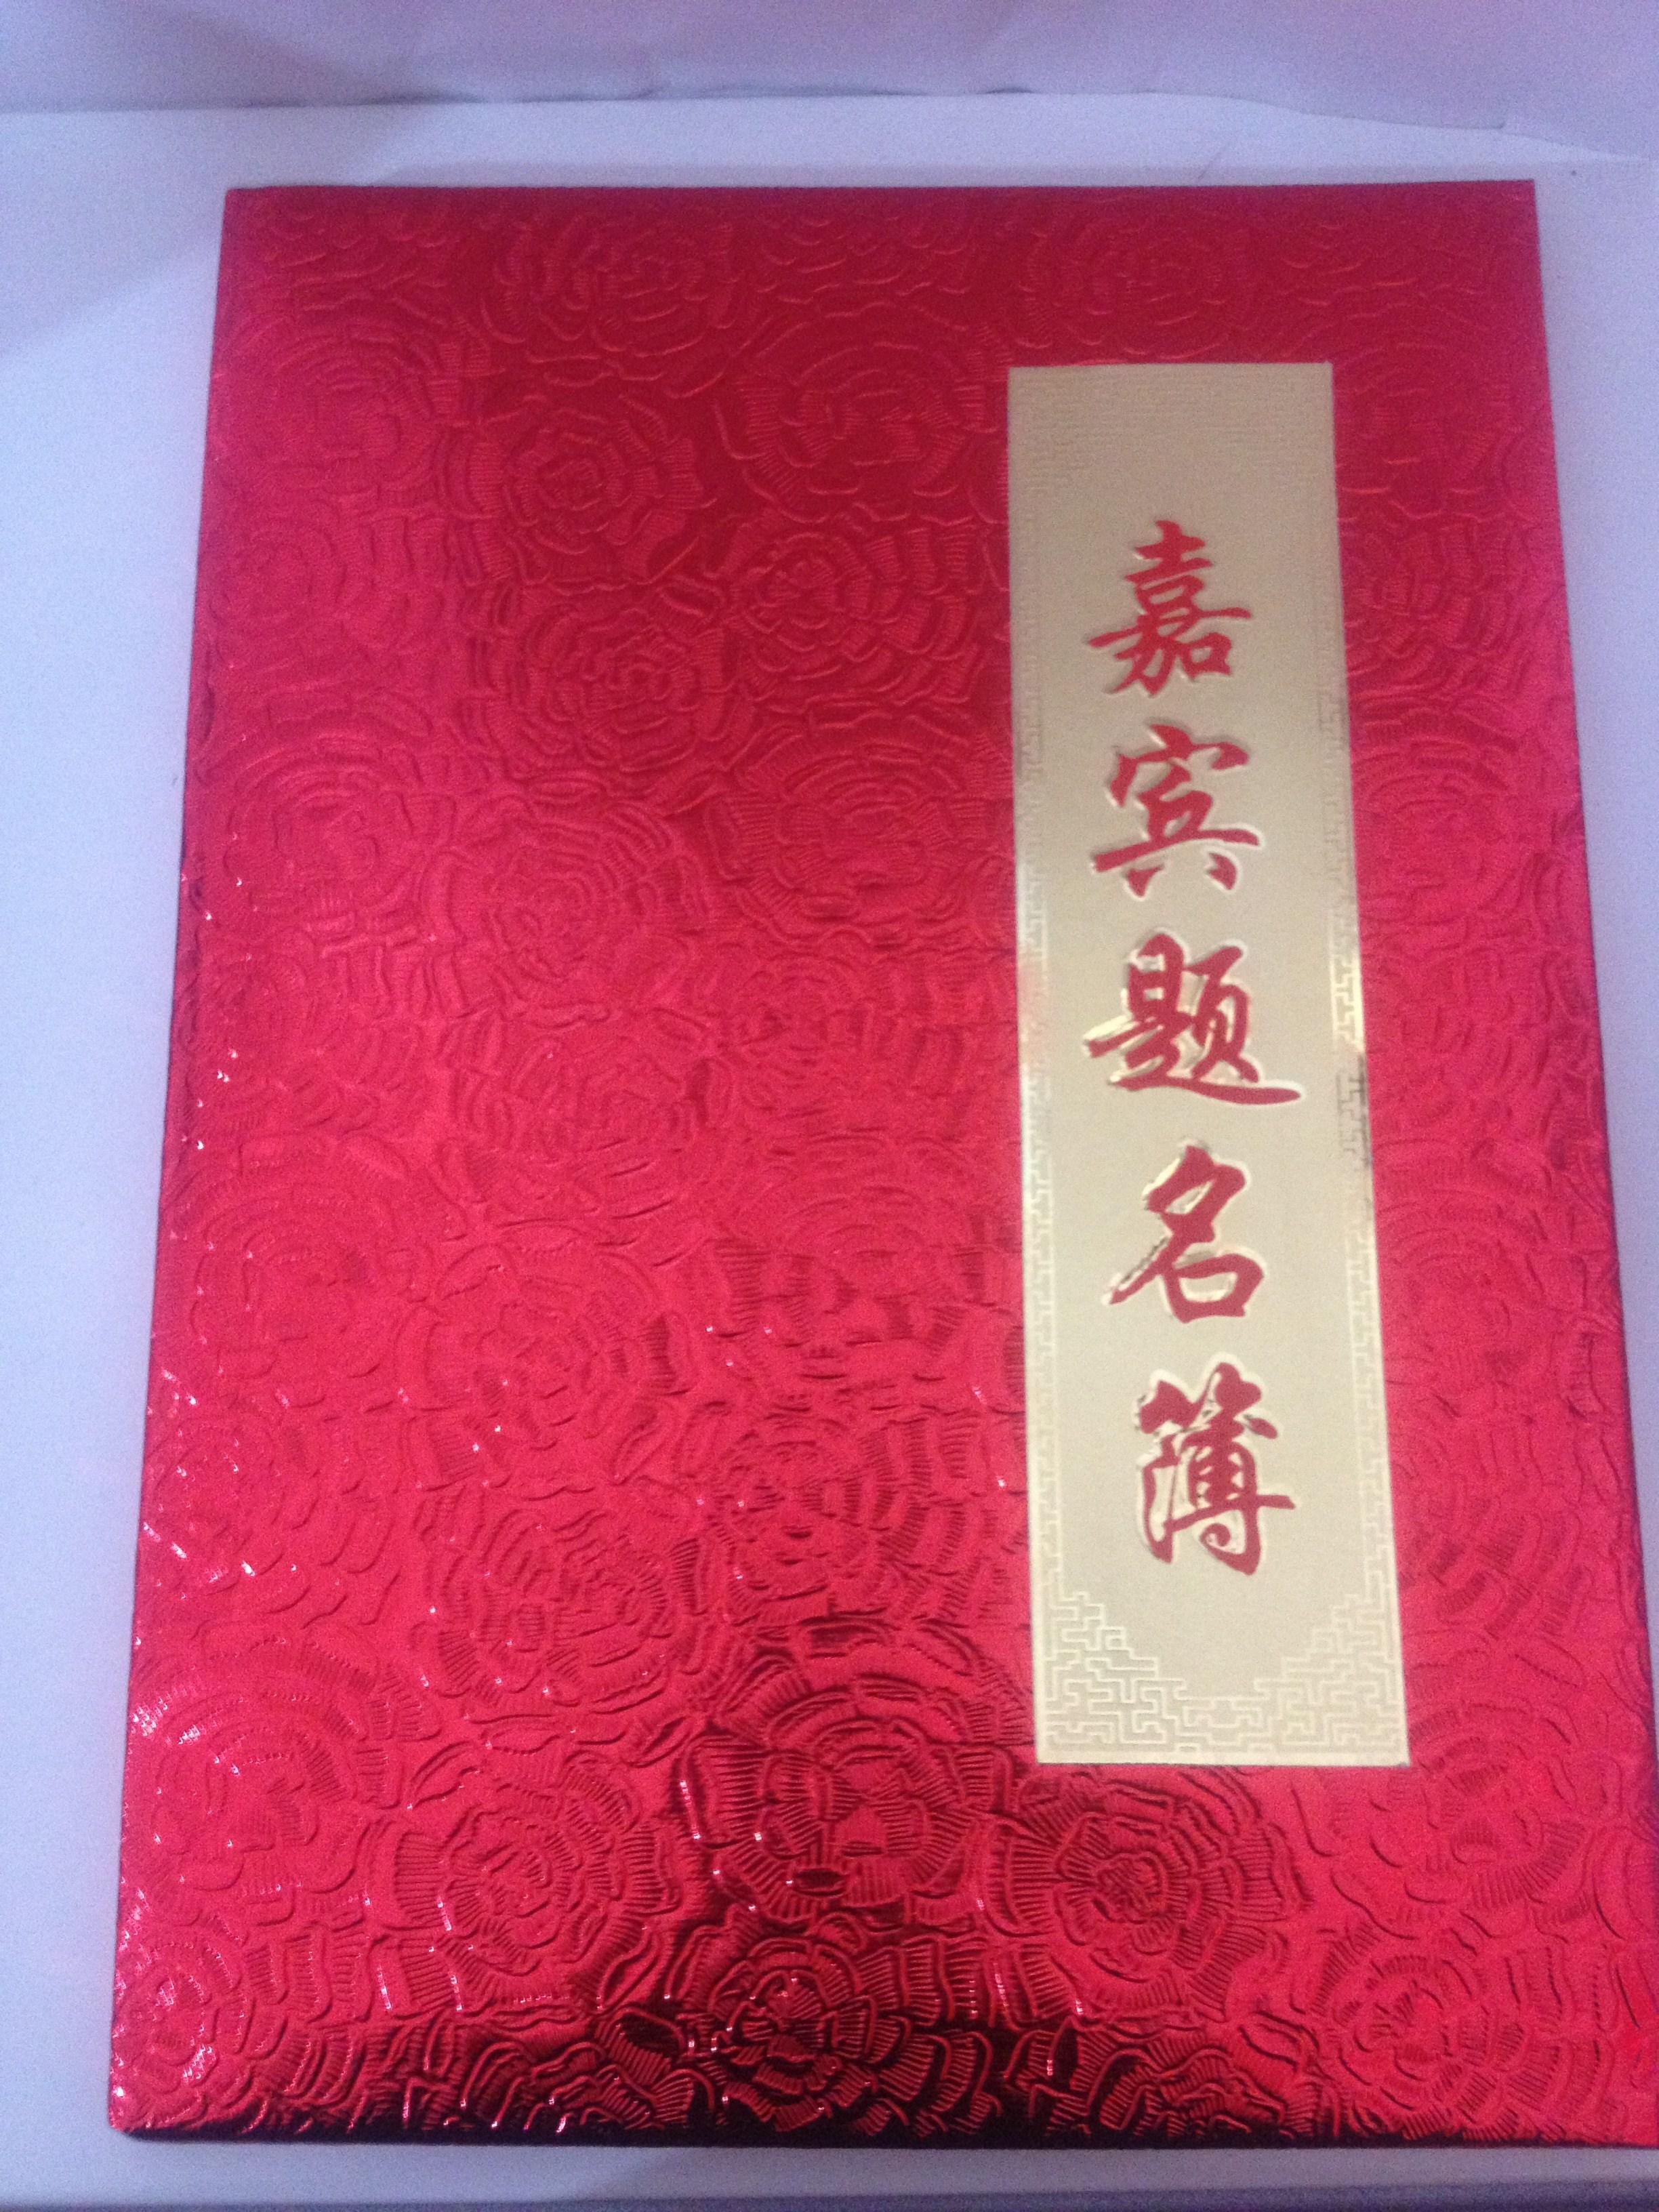 个性婚庆婚礼结婚用品 个性签名册 创意题名册 签到本 嘉宾题名薄